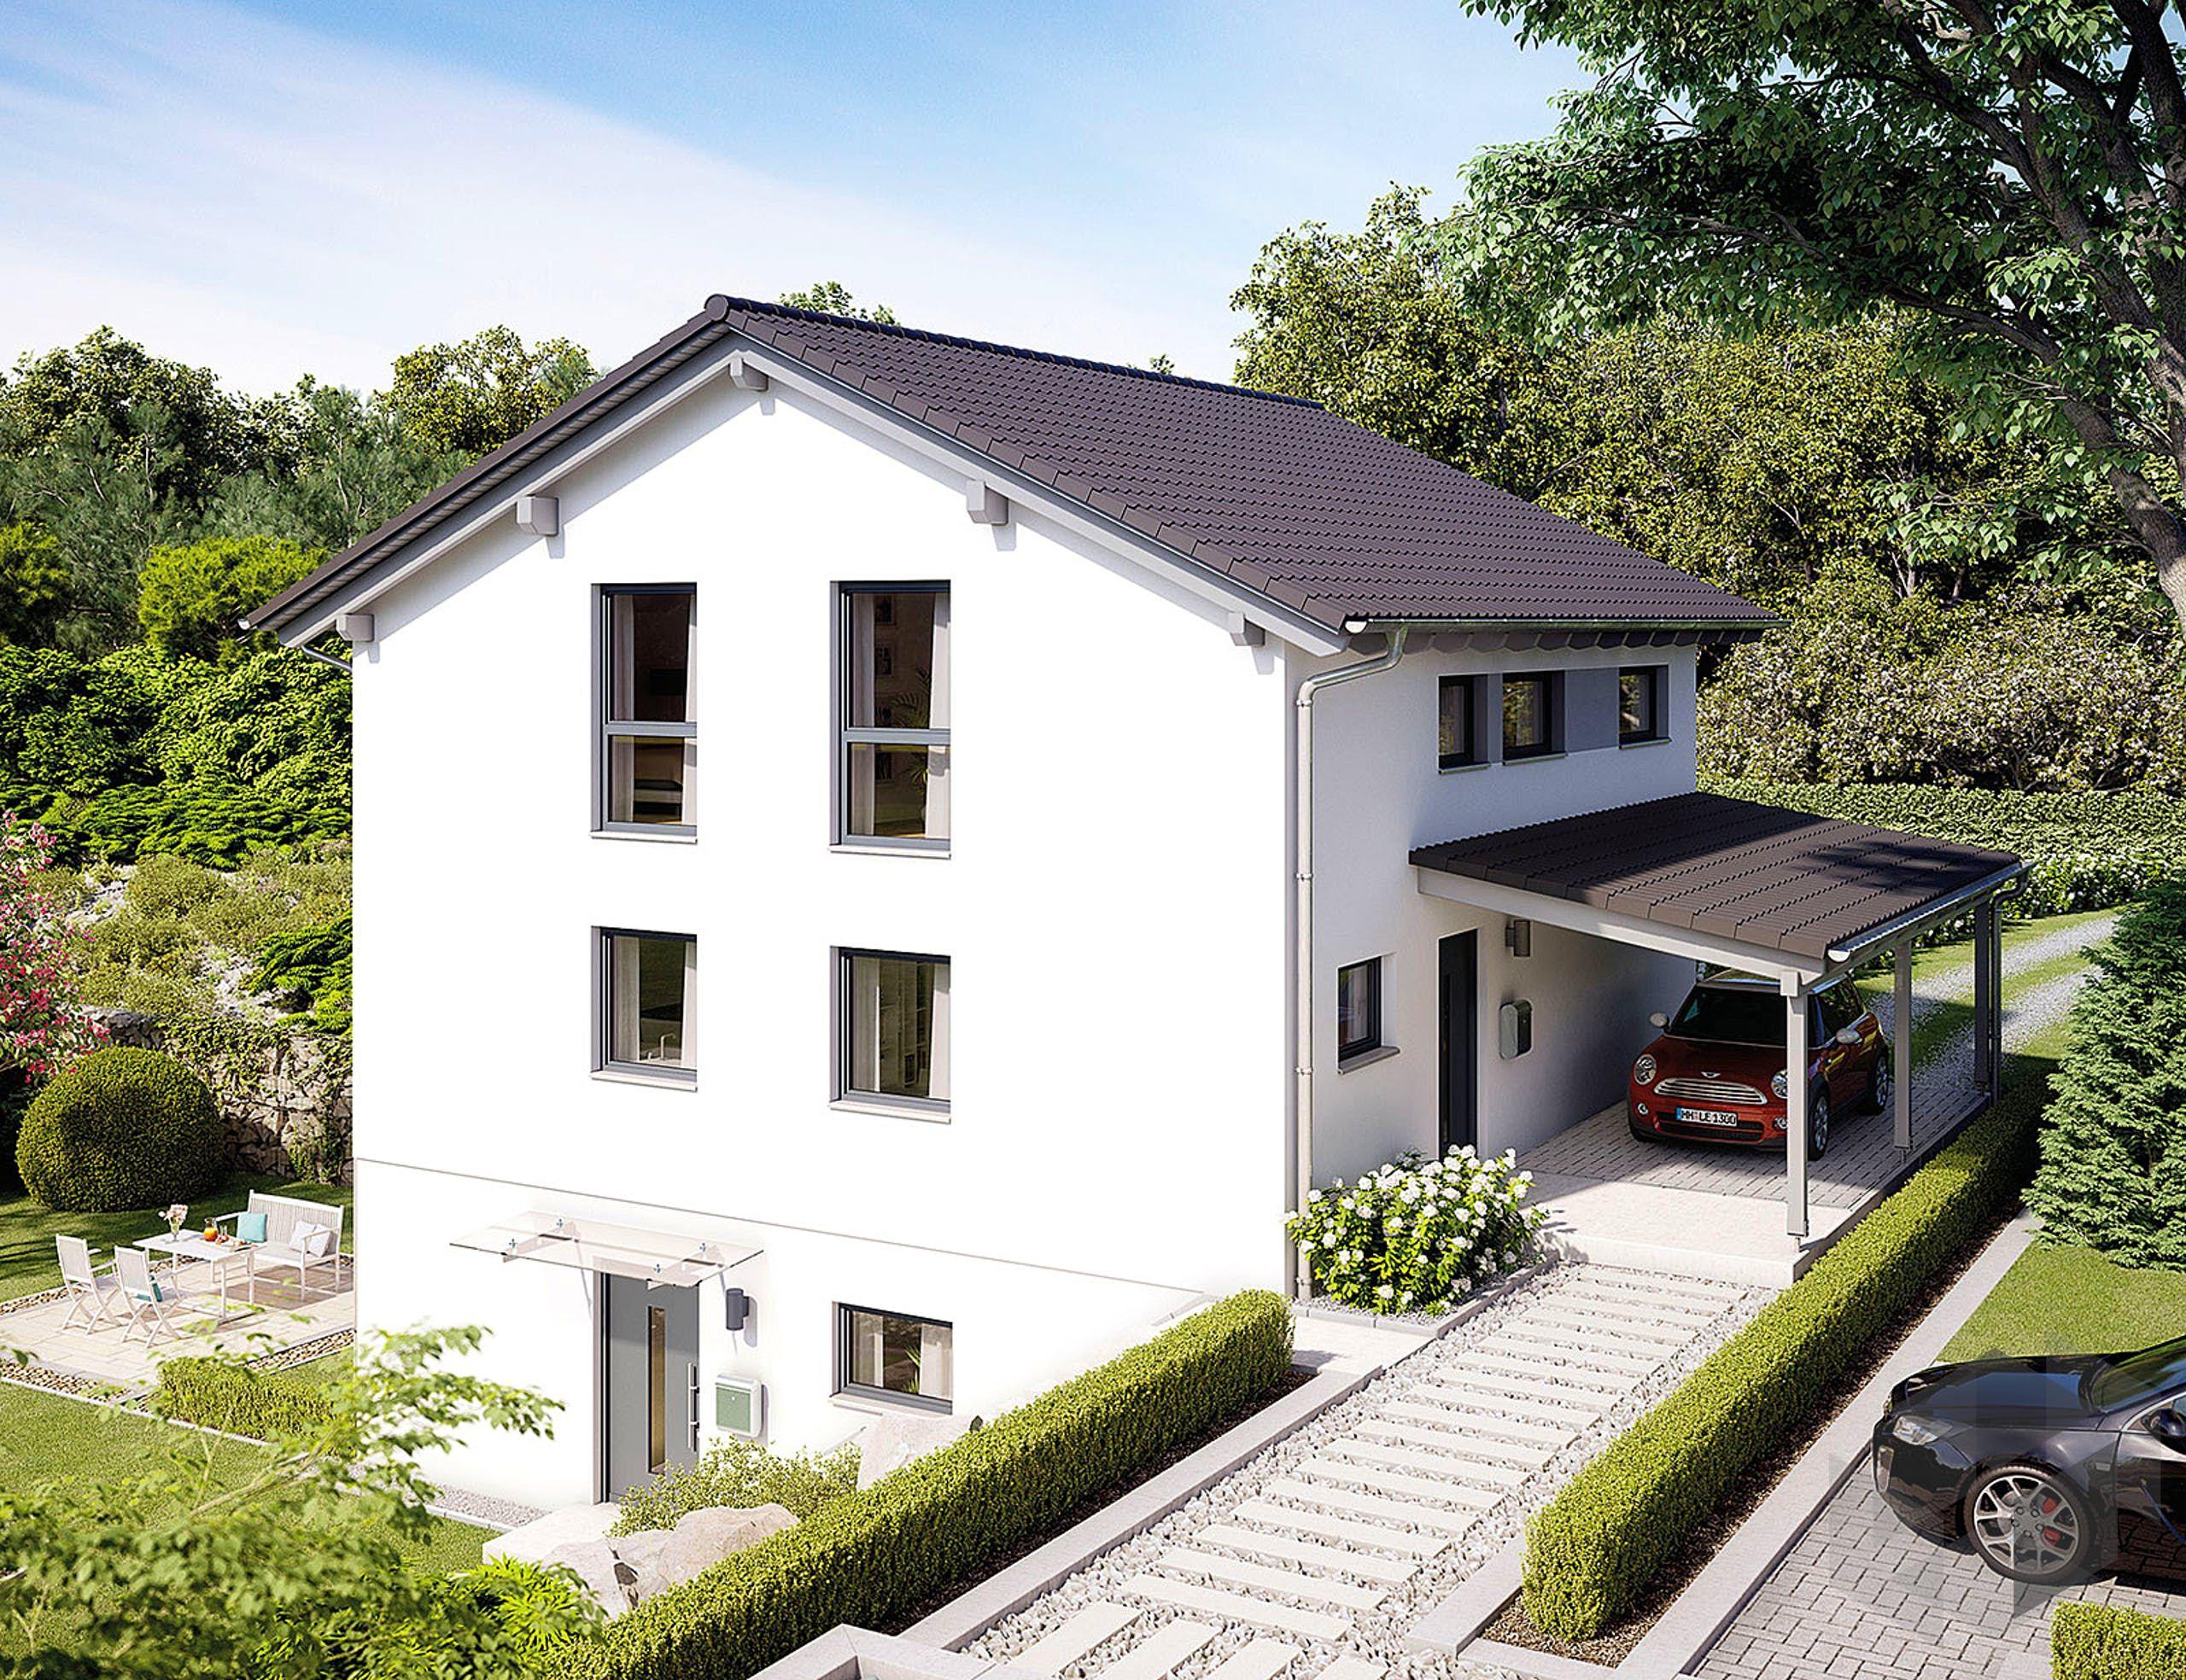 Mehrfamilienhaus mit 3 Etagen 'Variant 25166' von Hanse